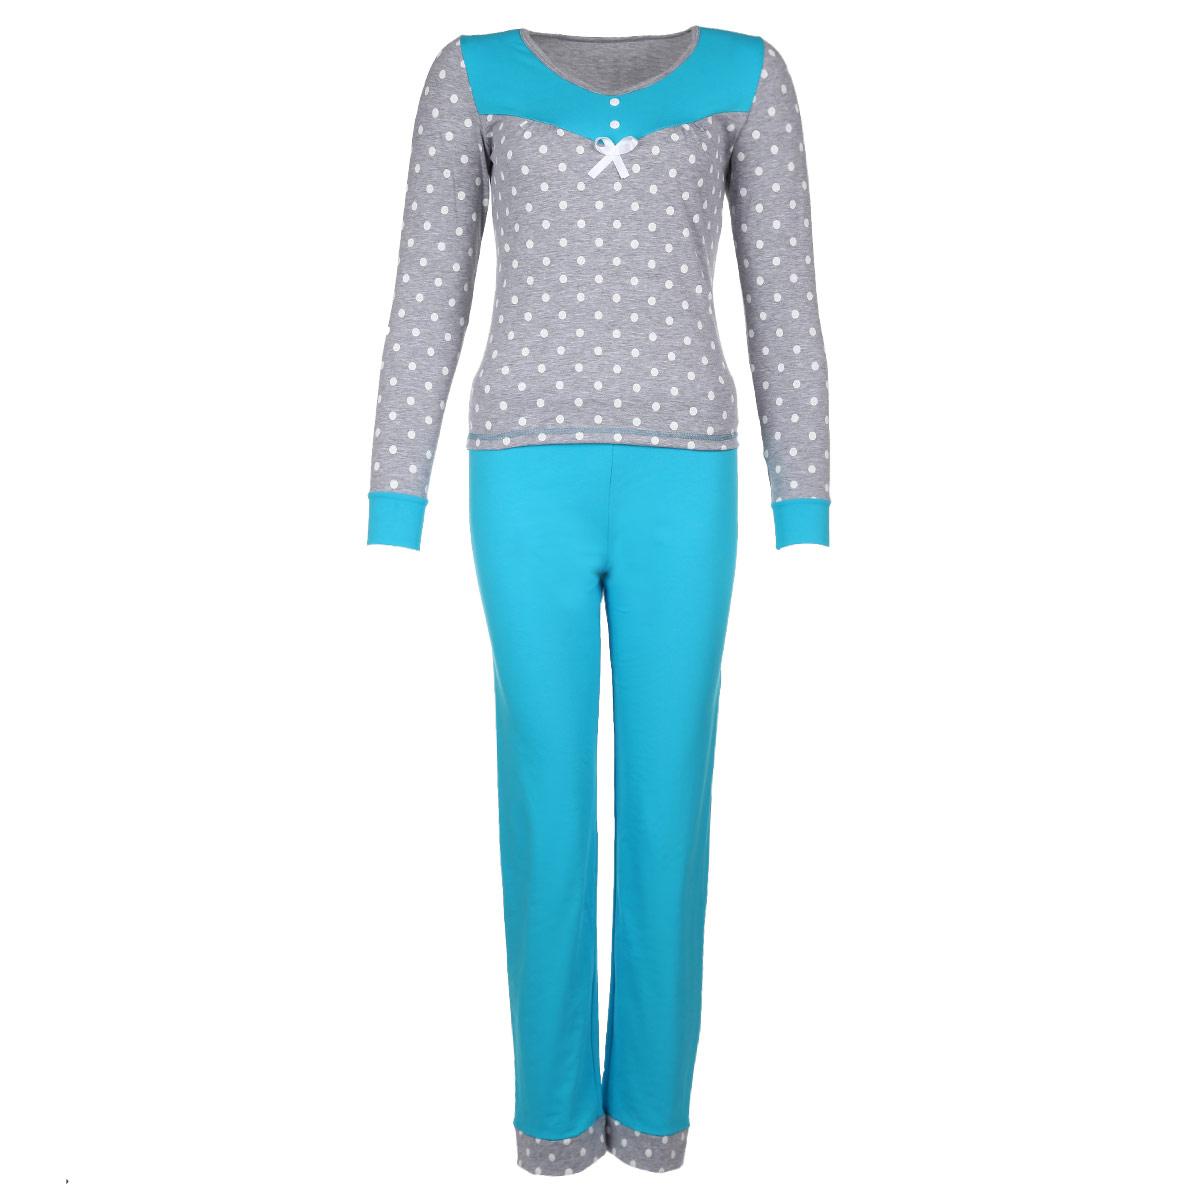 Комплект женский: лонгслив, брюки. 3838Женский комплект для дома Milana Style состоит из лонгслива и брюк. Комплект изготовлен из приятного на ощупь хлопкового материала. Одежда не сковывает движения и позволяет коже дышать. Лонгслив свободного кроя с круглым вырезом горловины и длинными рукавами оформлен принтом в горошек и на груди дополнен контрастной вставкой в топ брюк. Над грудью изделие украшено двумя пуговками и атласным бантиком. Манжеты рукавов также выполнены в контрастном цвете. Прямые свободные брюки на широкой эластичной резинке - удобная и практичная вещь в гардеробе. Идеальные конструкции и приятное цветовое решение - отличный выбор на каждый день. В таком комплекте вам будет максимально комфортно и уютно.